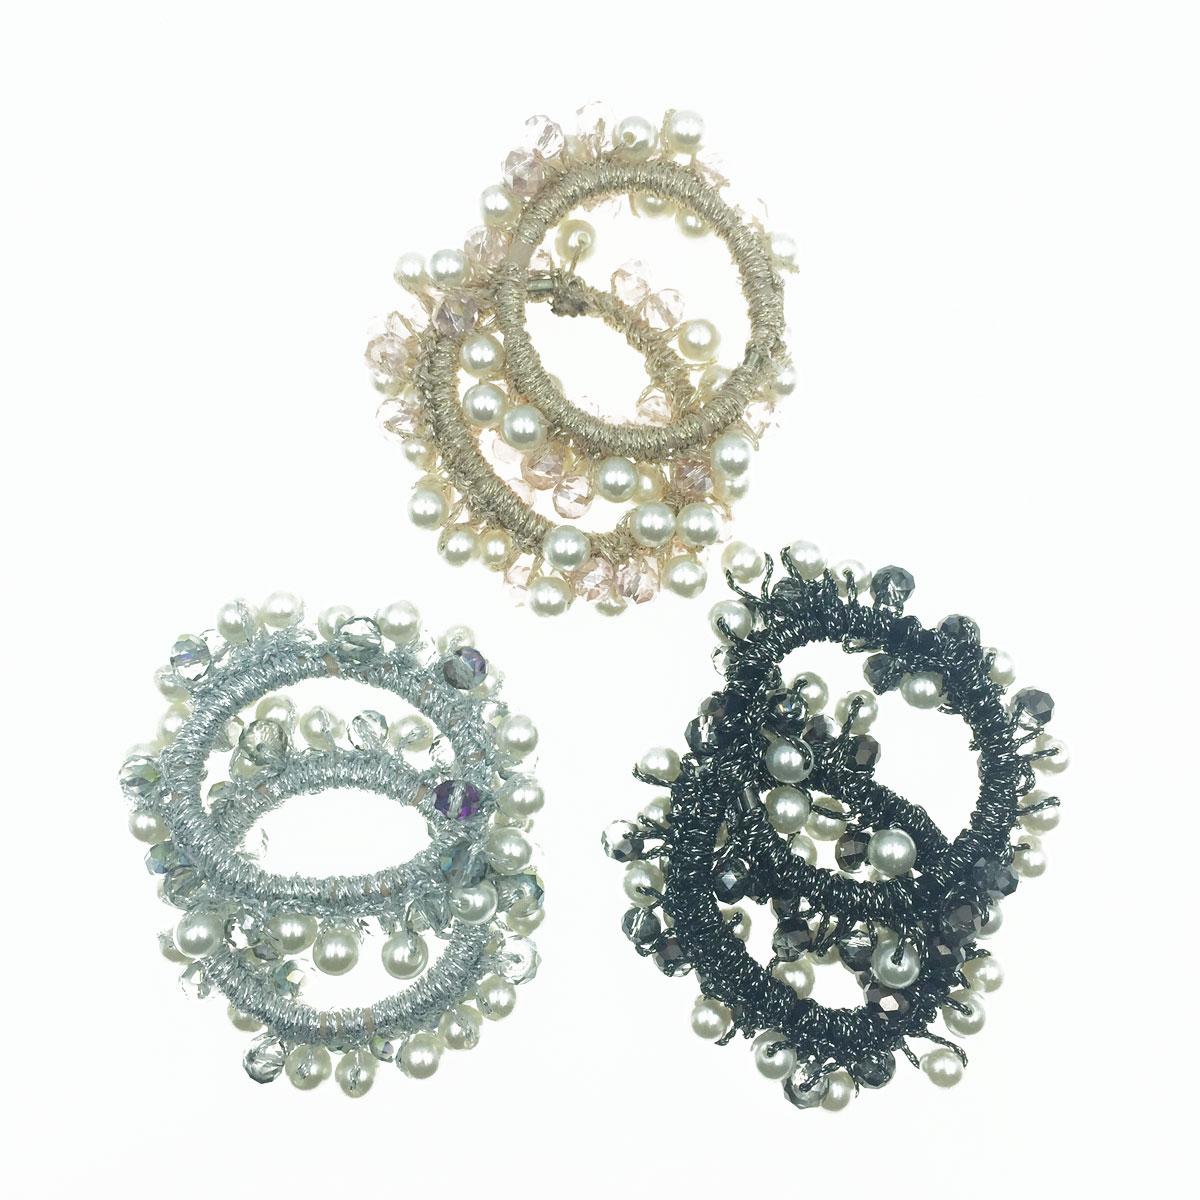 韓國 珠珠 珍珠 3色 2入 髮飾 髮圈 髮束